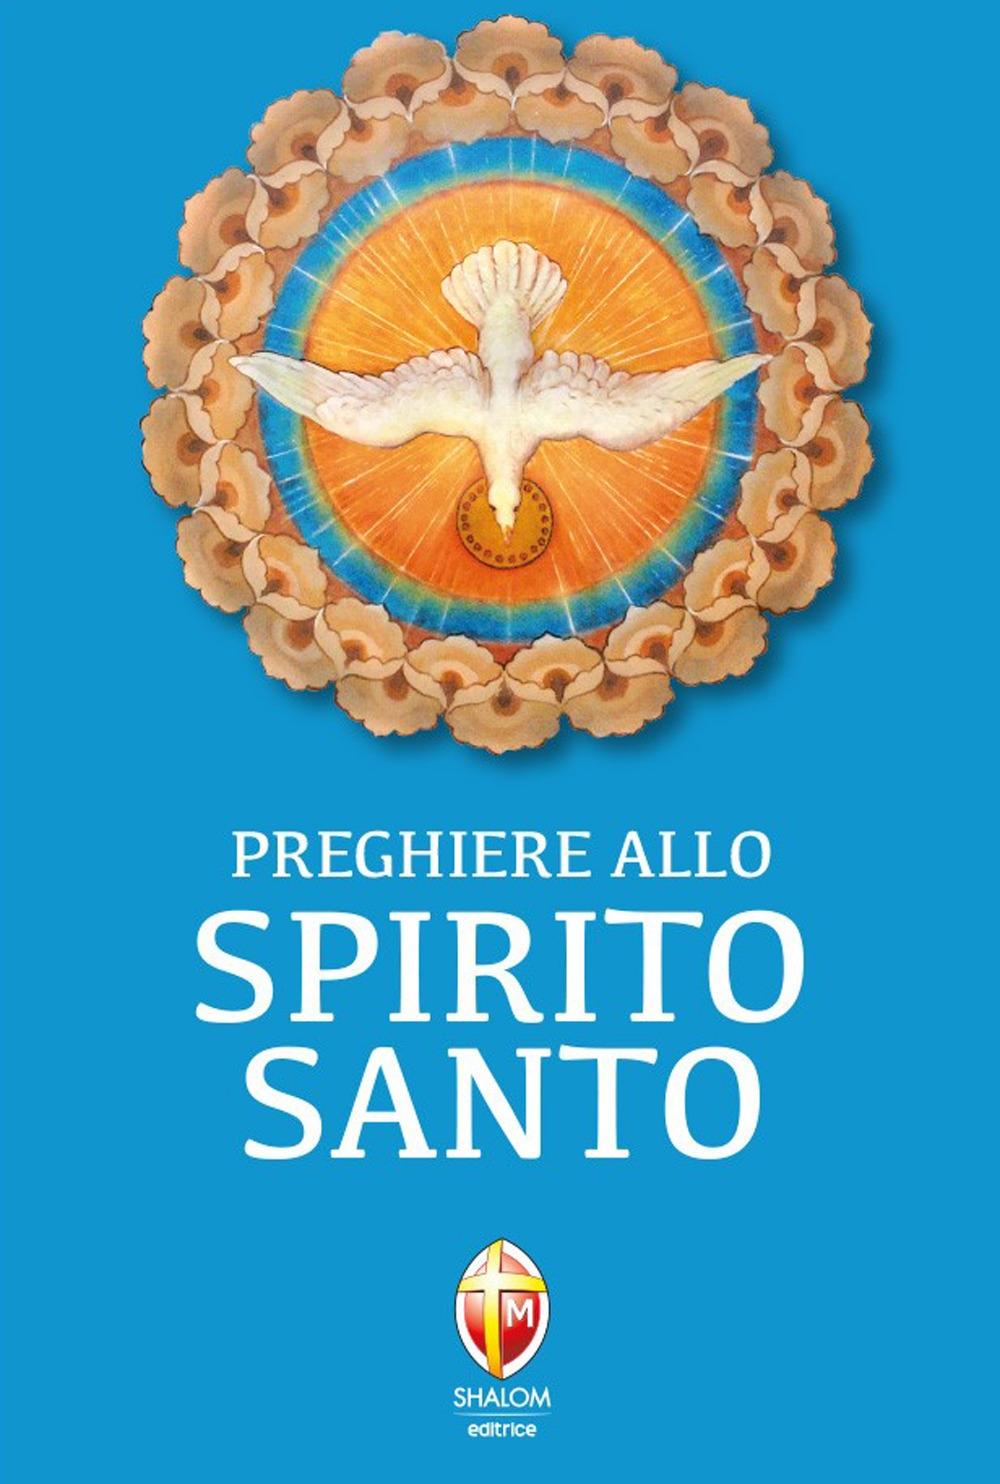 Preghiere allo Spirito Santo.